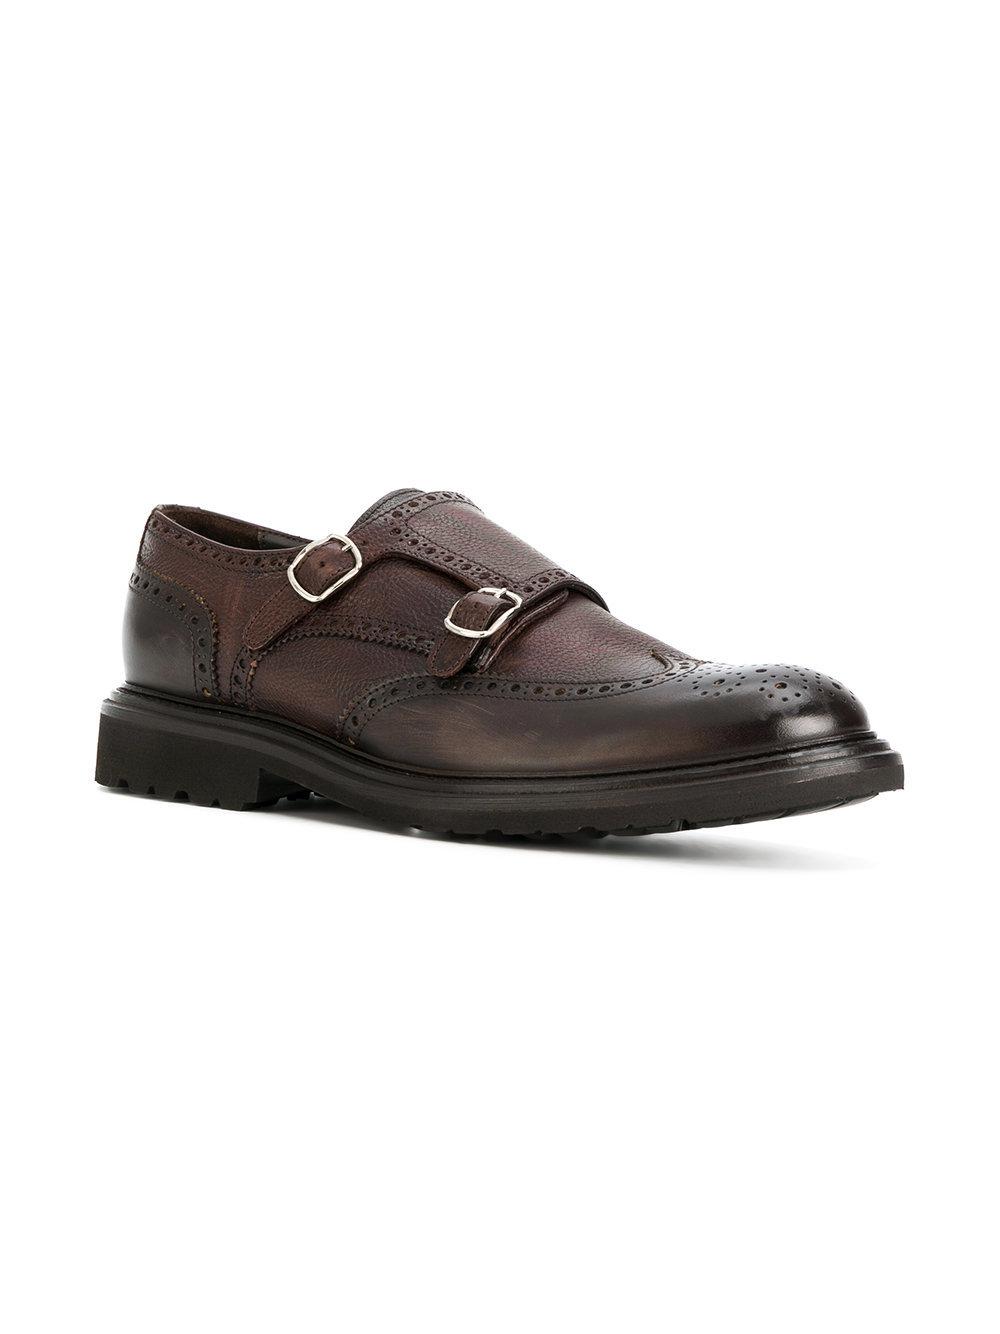 Dell'oglio Cross Strap Monk Shoes